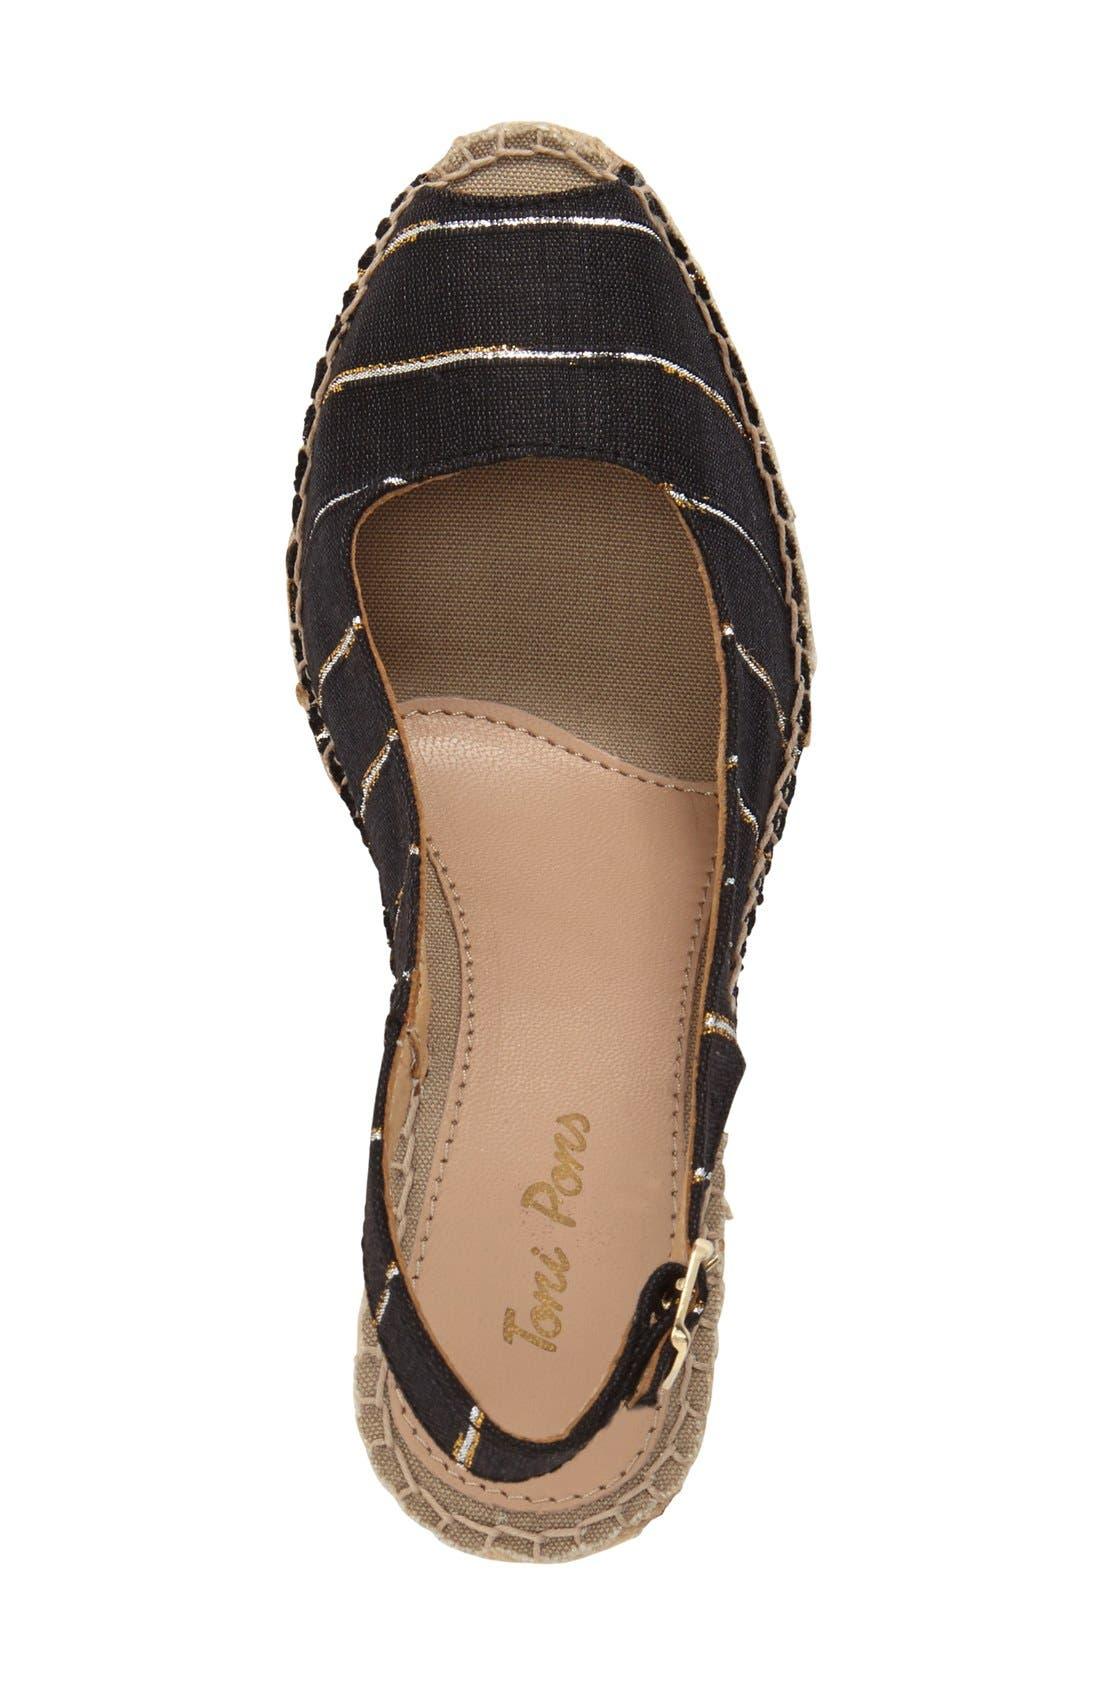 Alternate Image 3  - Toni Pons 'Carmina' Silk Slingback Wedge Sandal (Women)